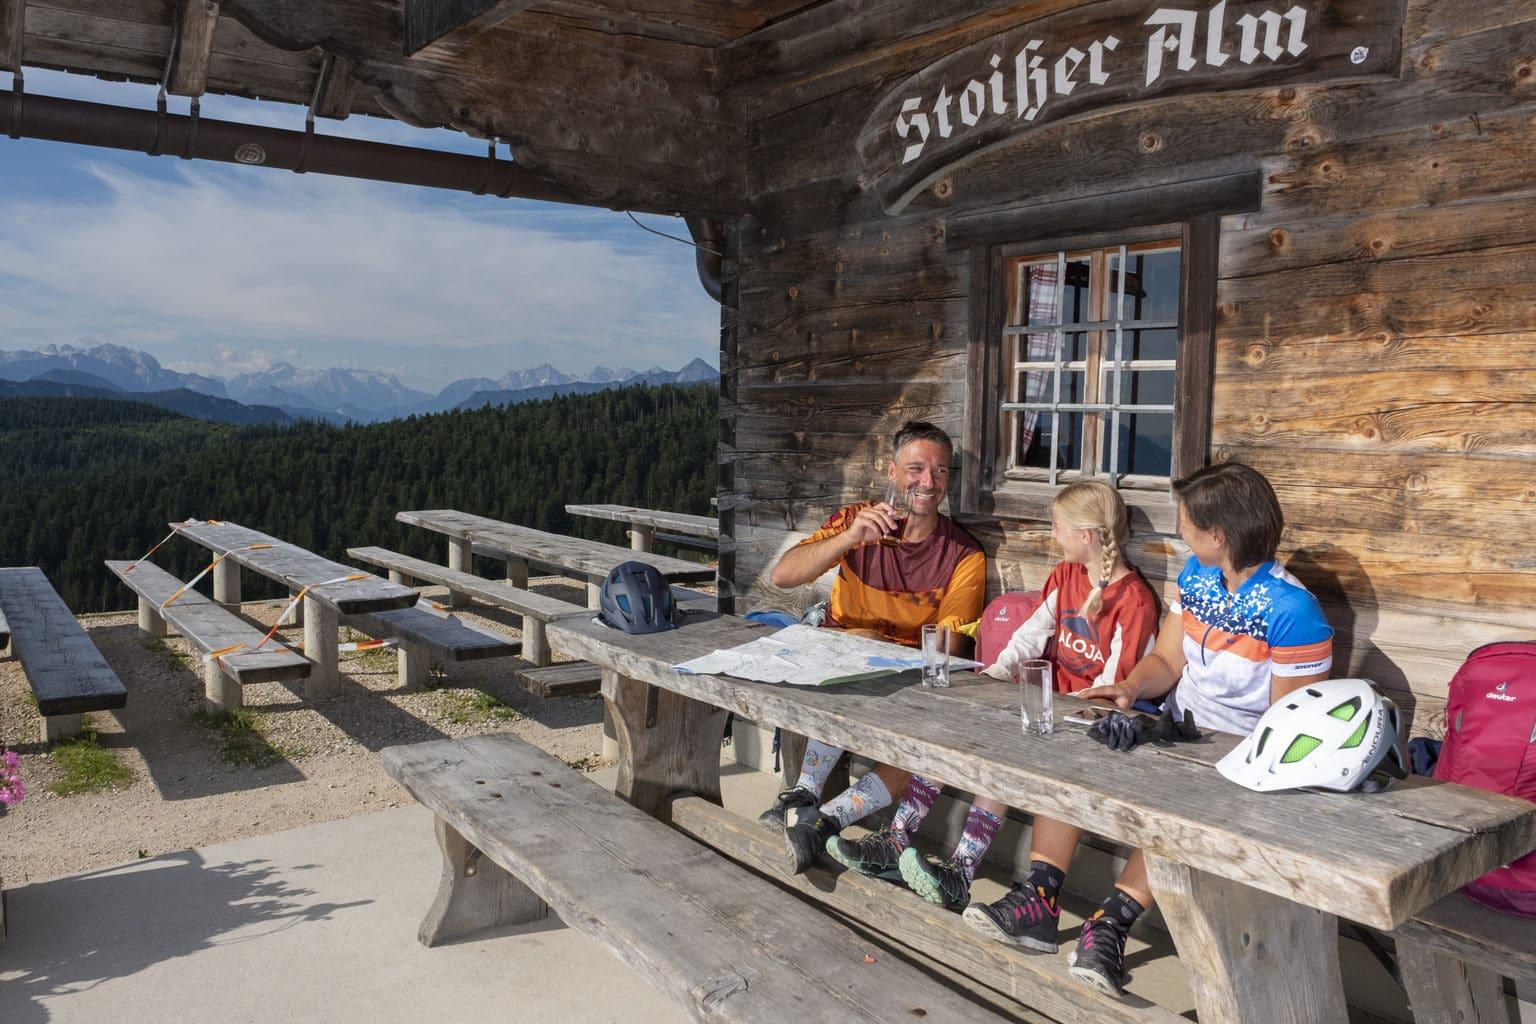 Loon na werken: een koud drankje op een almhut in de Chiemgau